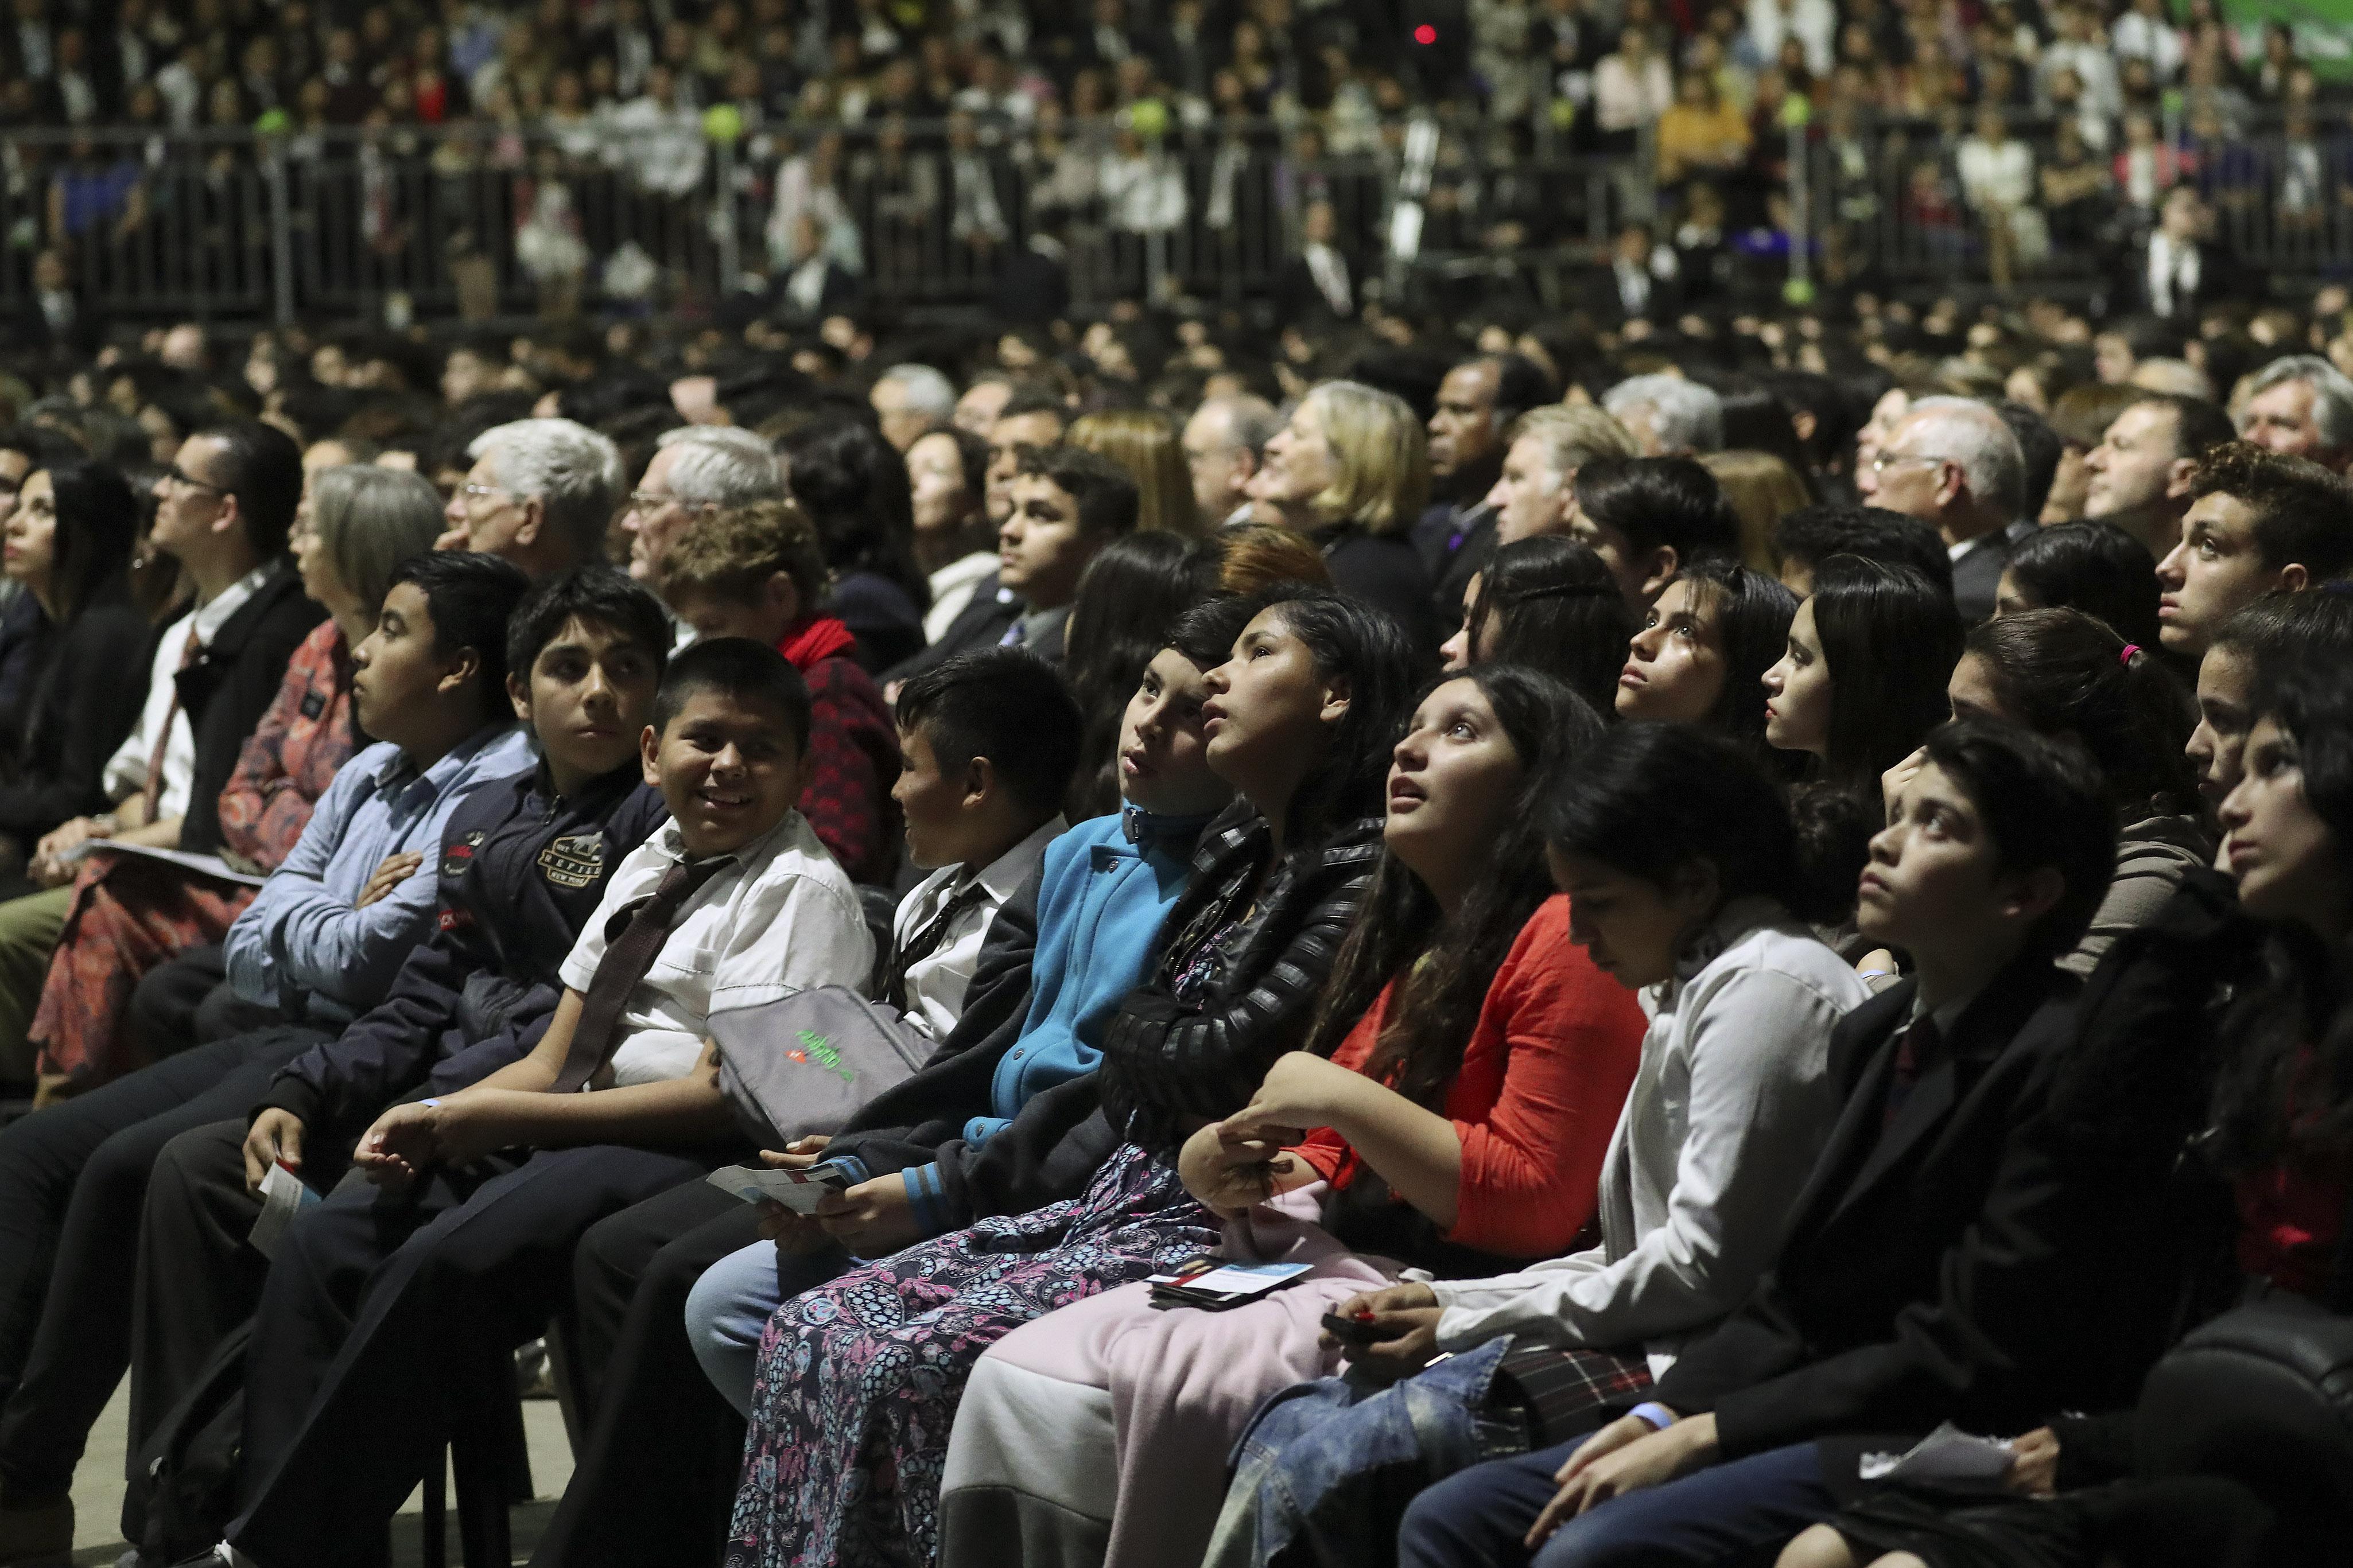 Participantes assistem ao devocional realizado em Buenos Aires, Argentina, na quarta-feira, 28 de agosto de 2019.